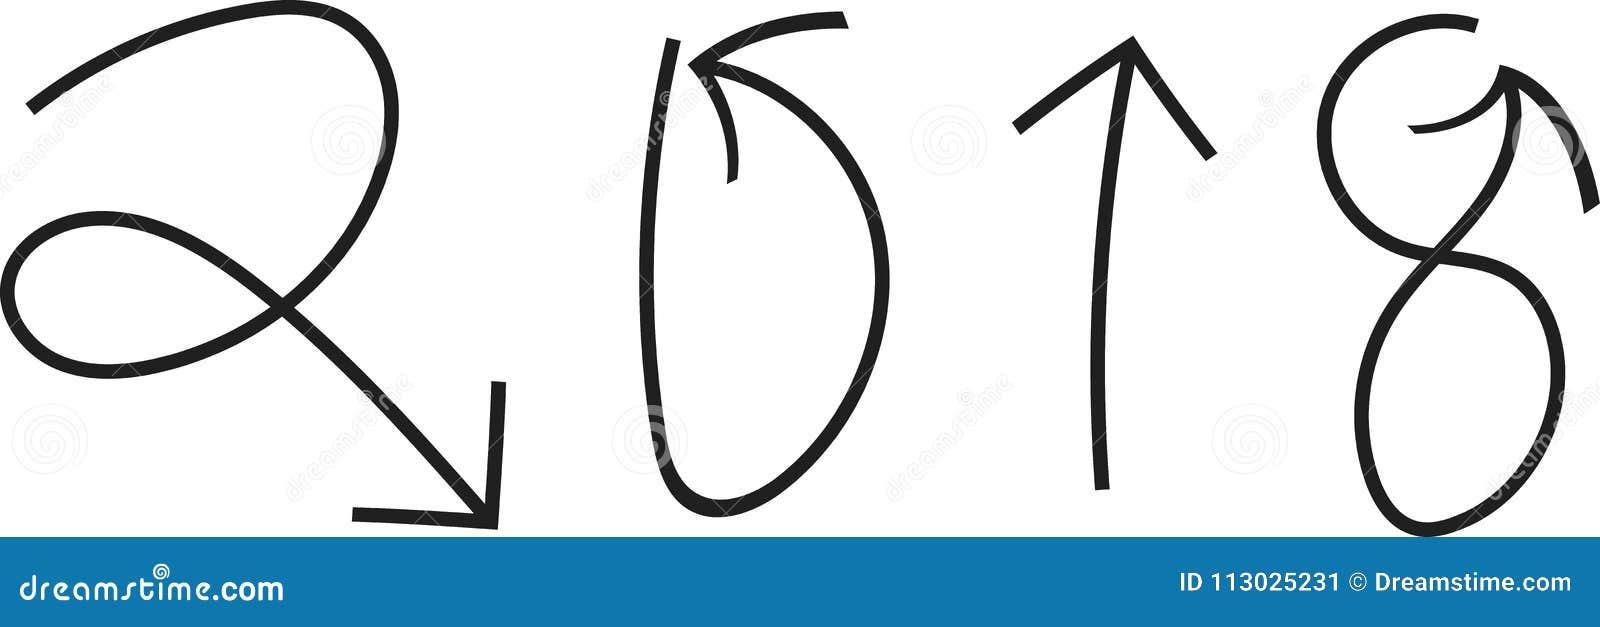 2018 написанное с стрелками